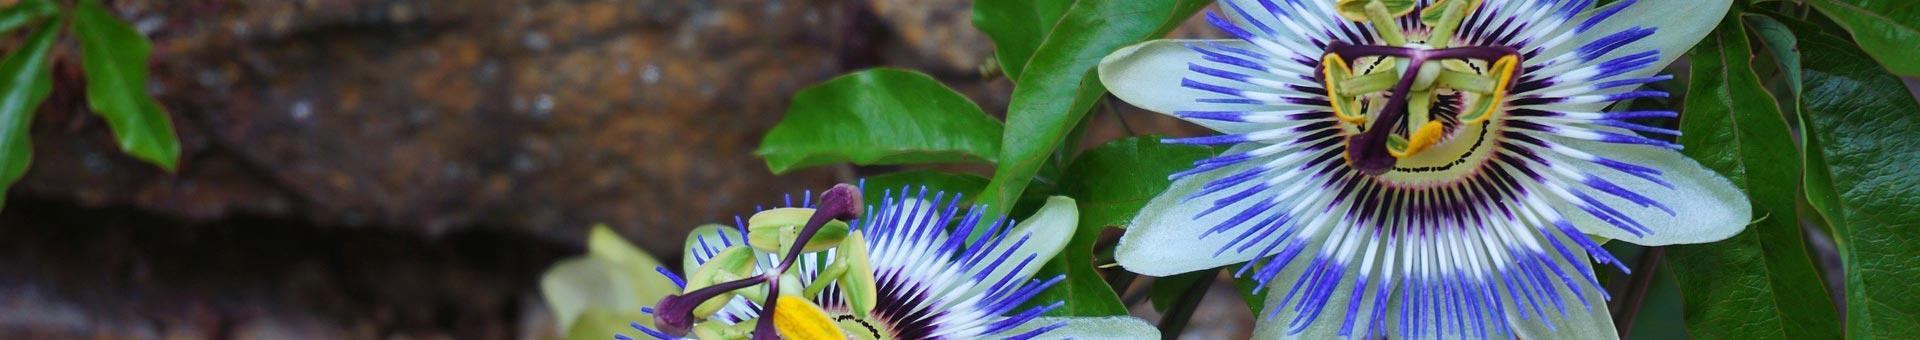 Natur Krug in Deggendorf - Kräuter und Heilpflanzen